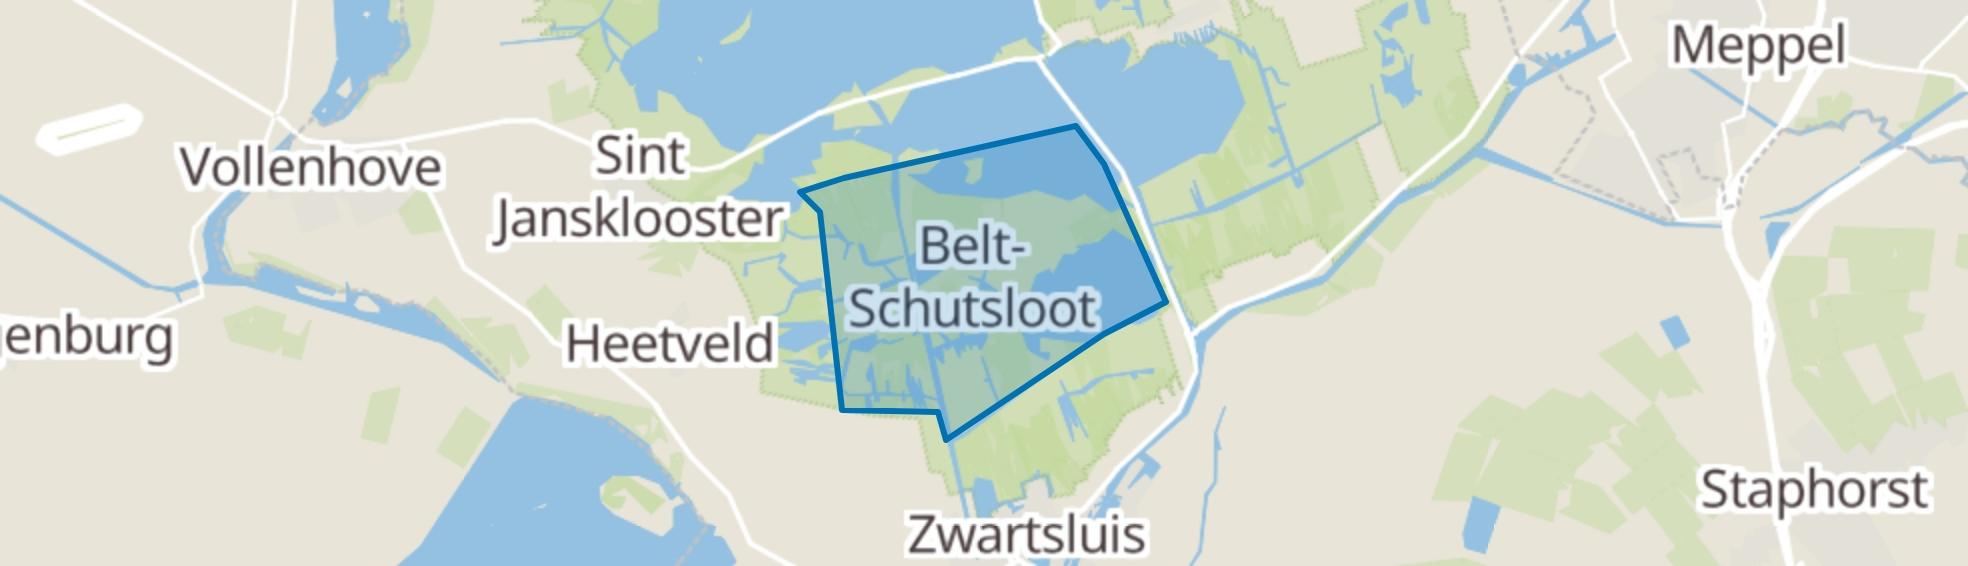 Belt-Schutsloot map